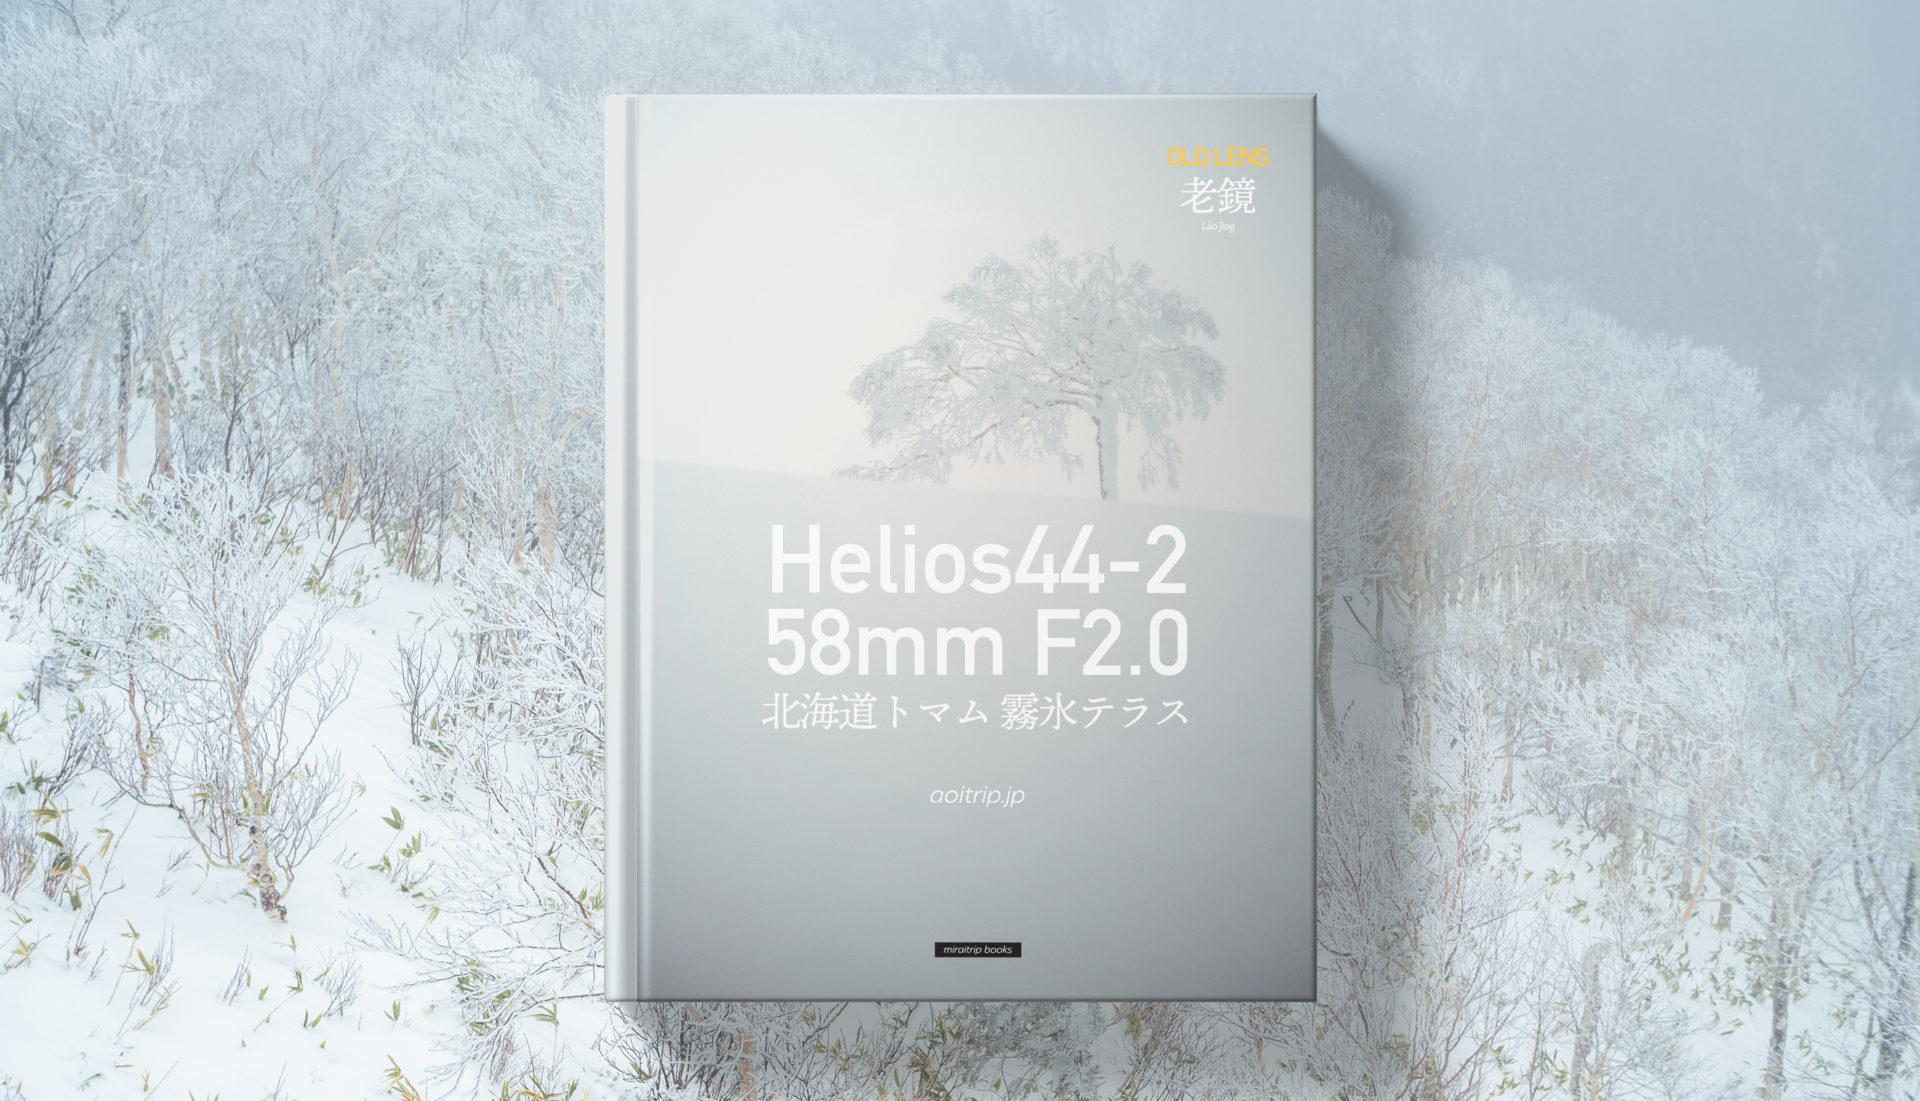 老鏡 Helios44-2で撮る北海道トマム 霧氷テラス: オールドレンズで切り取る冬の北海道雪景色 星野リゾートトマム